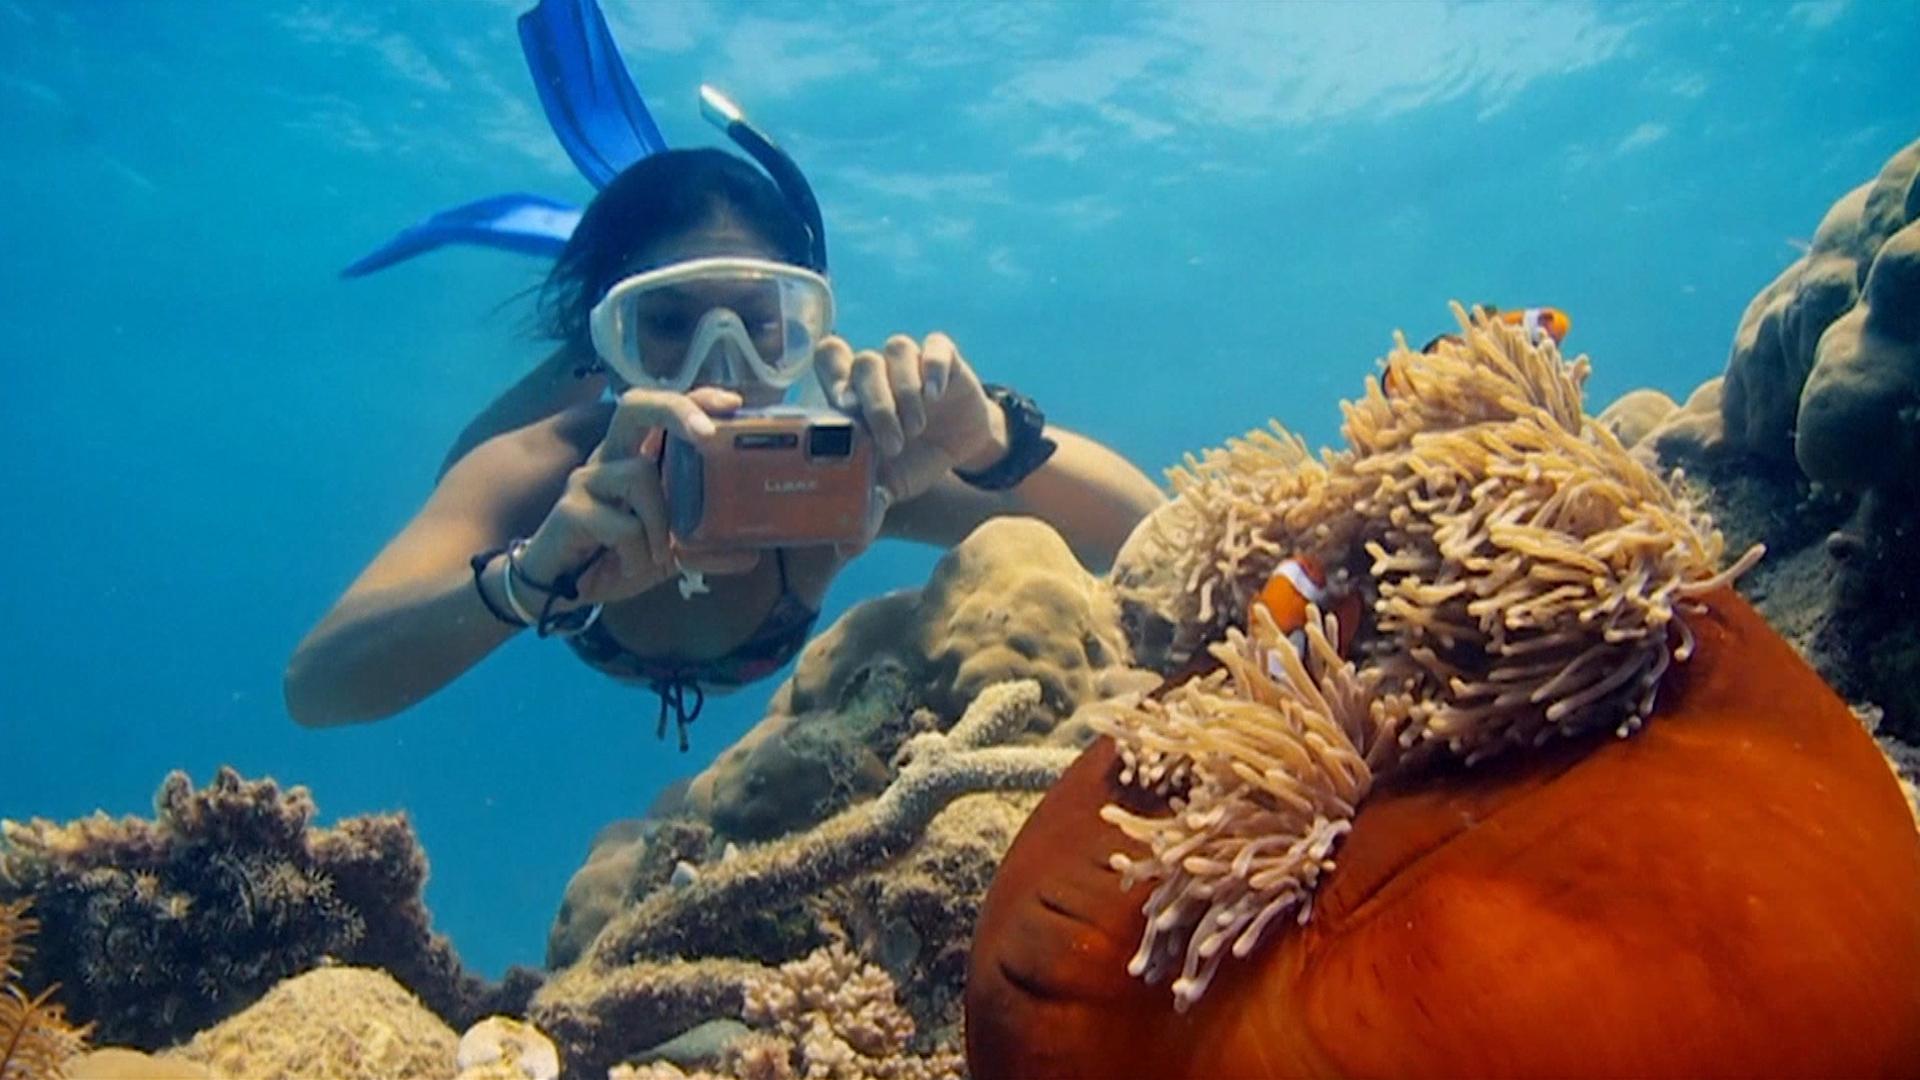 Cada año, más de dos millones de turistas armados de máscaras de esnórquel y aletas de buceo se dirigen a la Gran Barrera de Coral